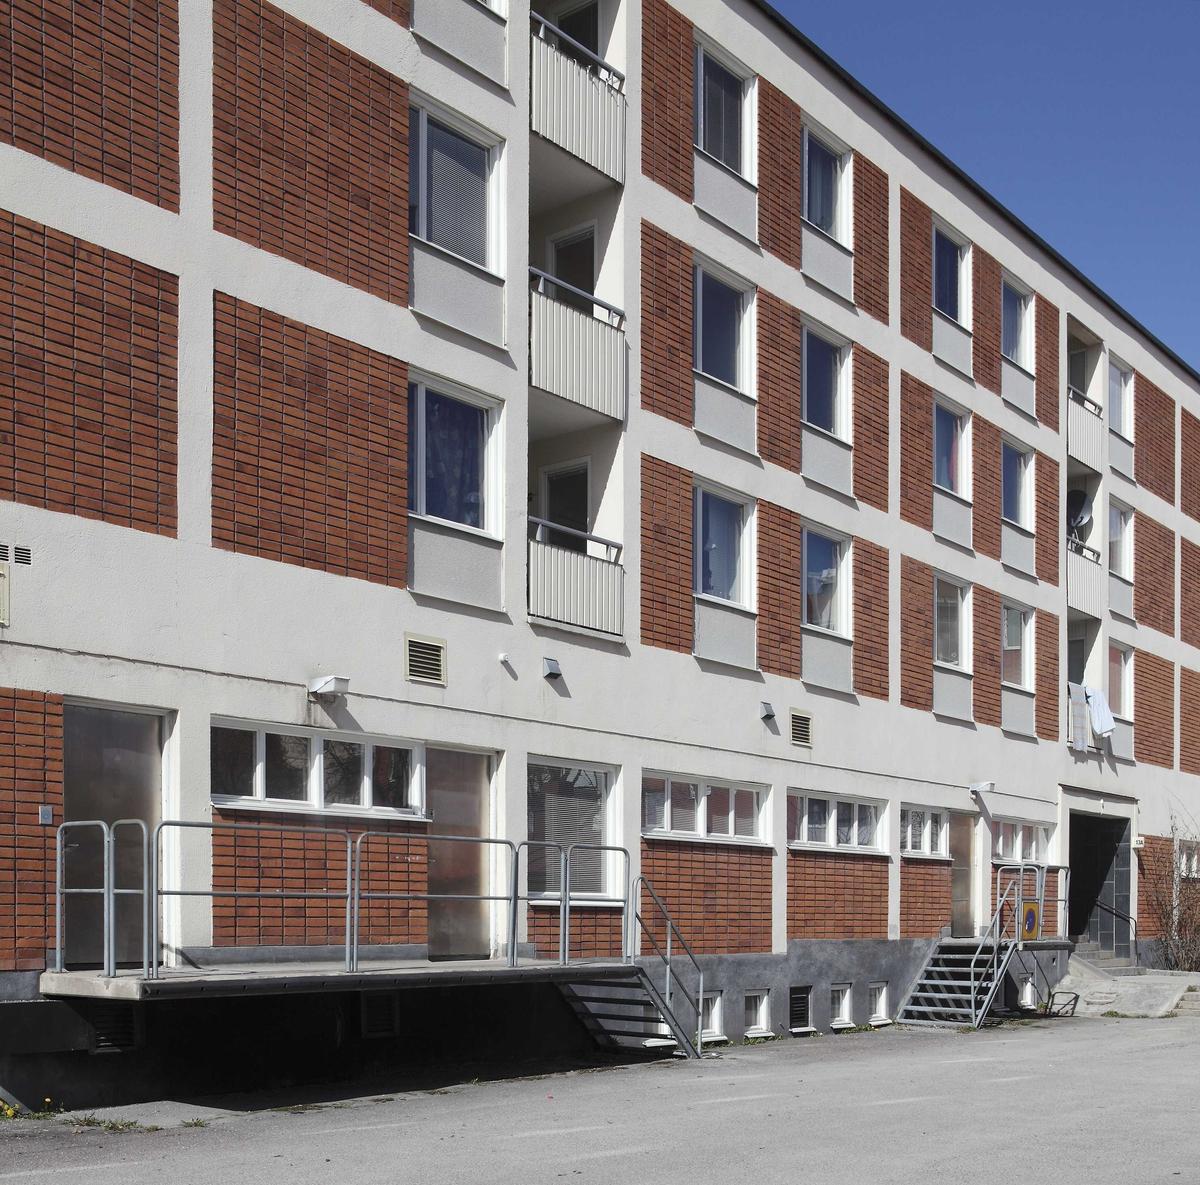 Fasad på flerbostadshus vid Gröna gatan, kvarteret Källan, Sala backe, Uppsala 2010